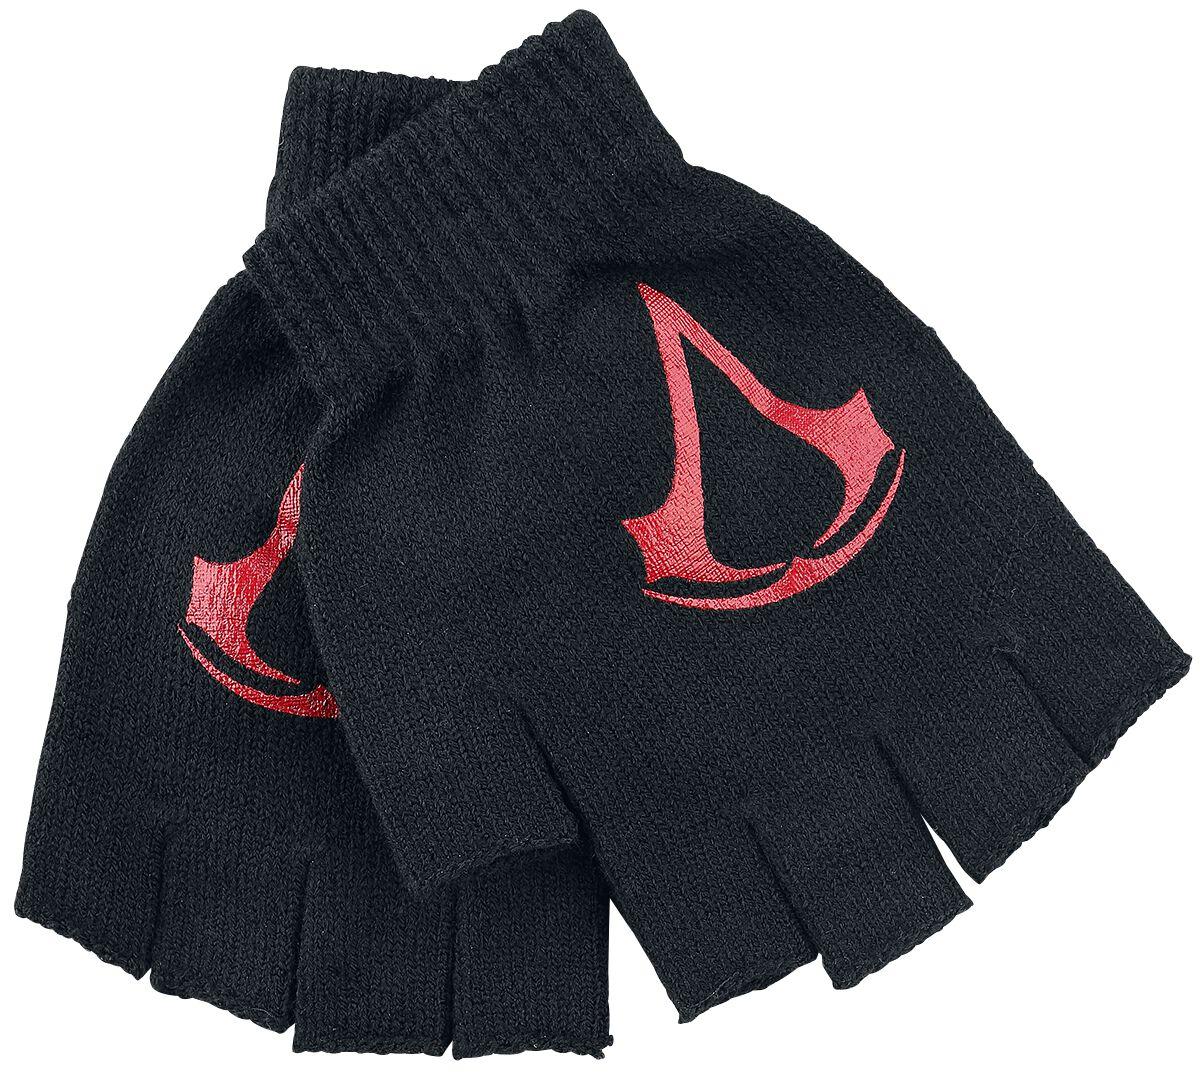 Image of   Assassin's Creed Red Logo Fingerløse handsker sort-rød